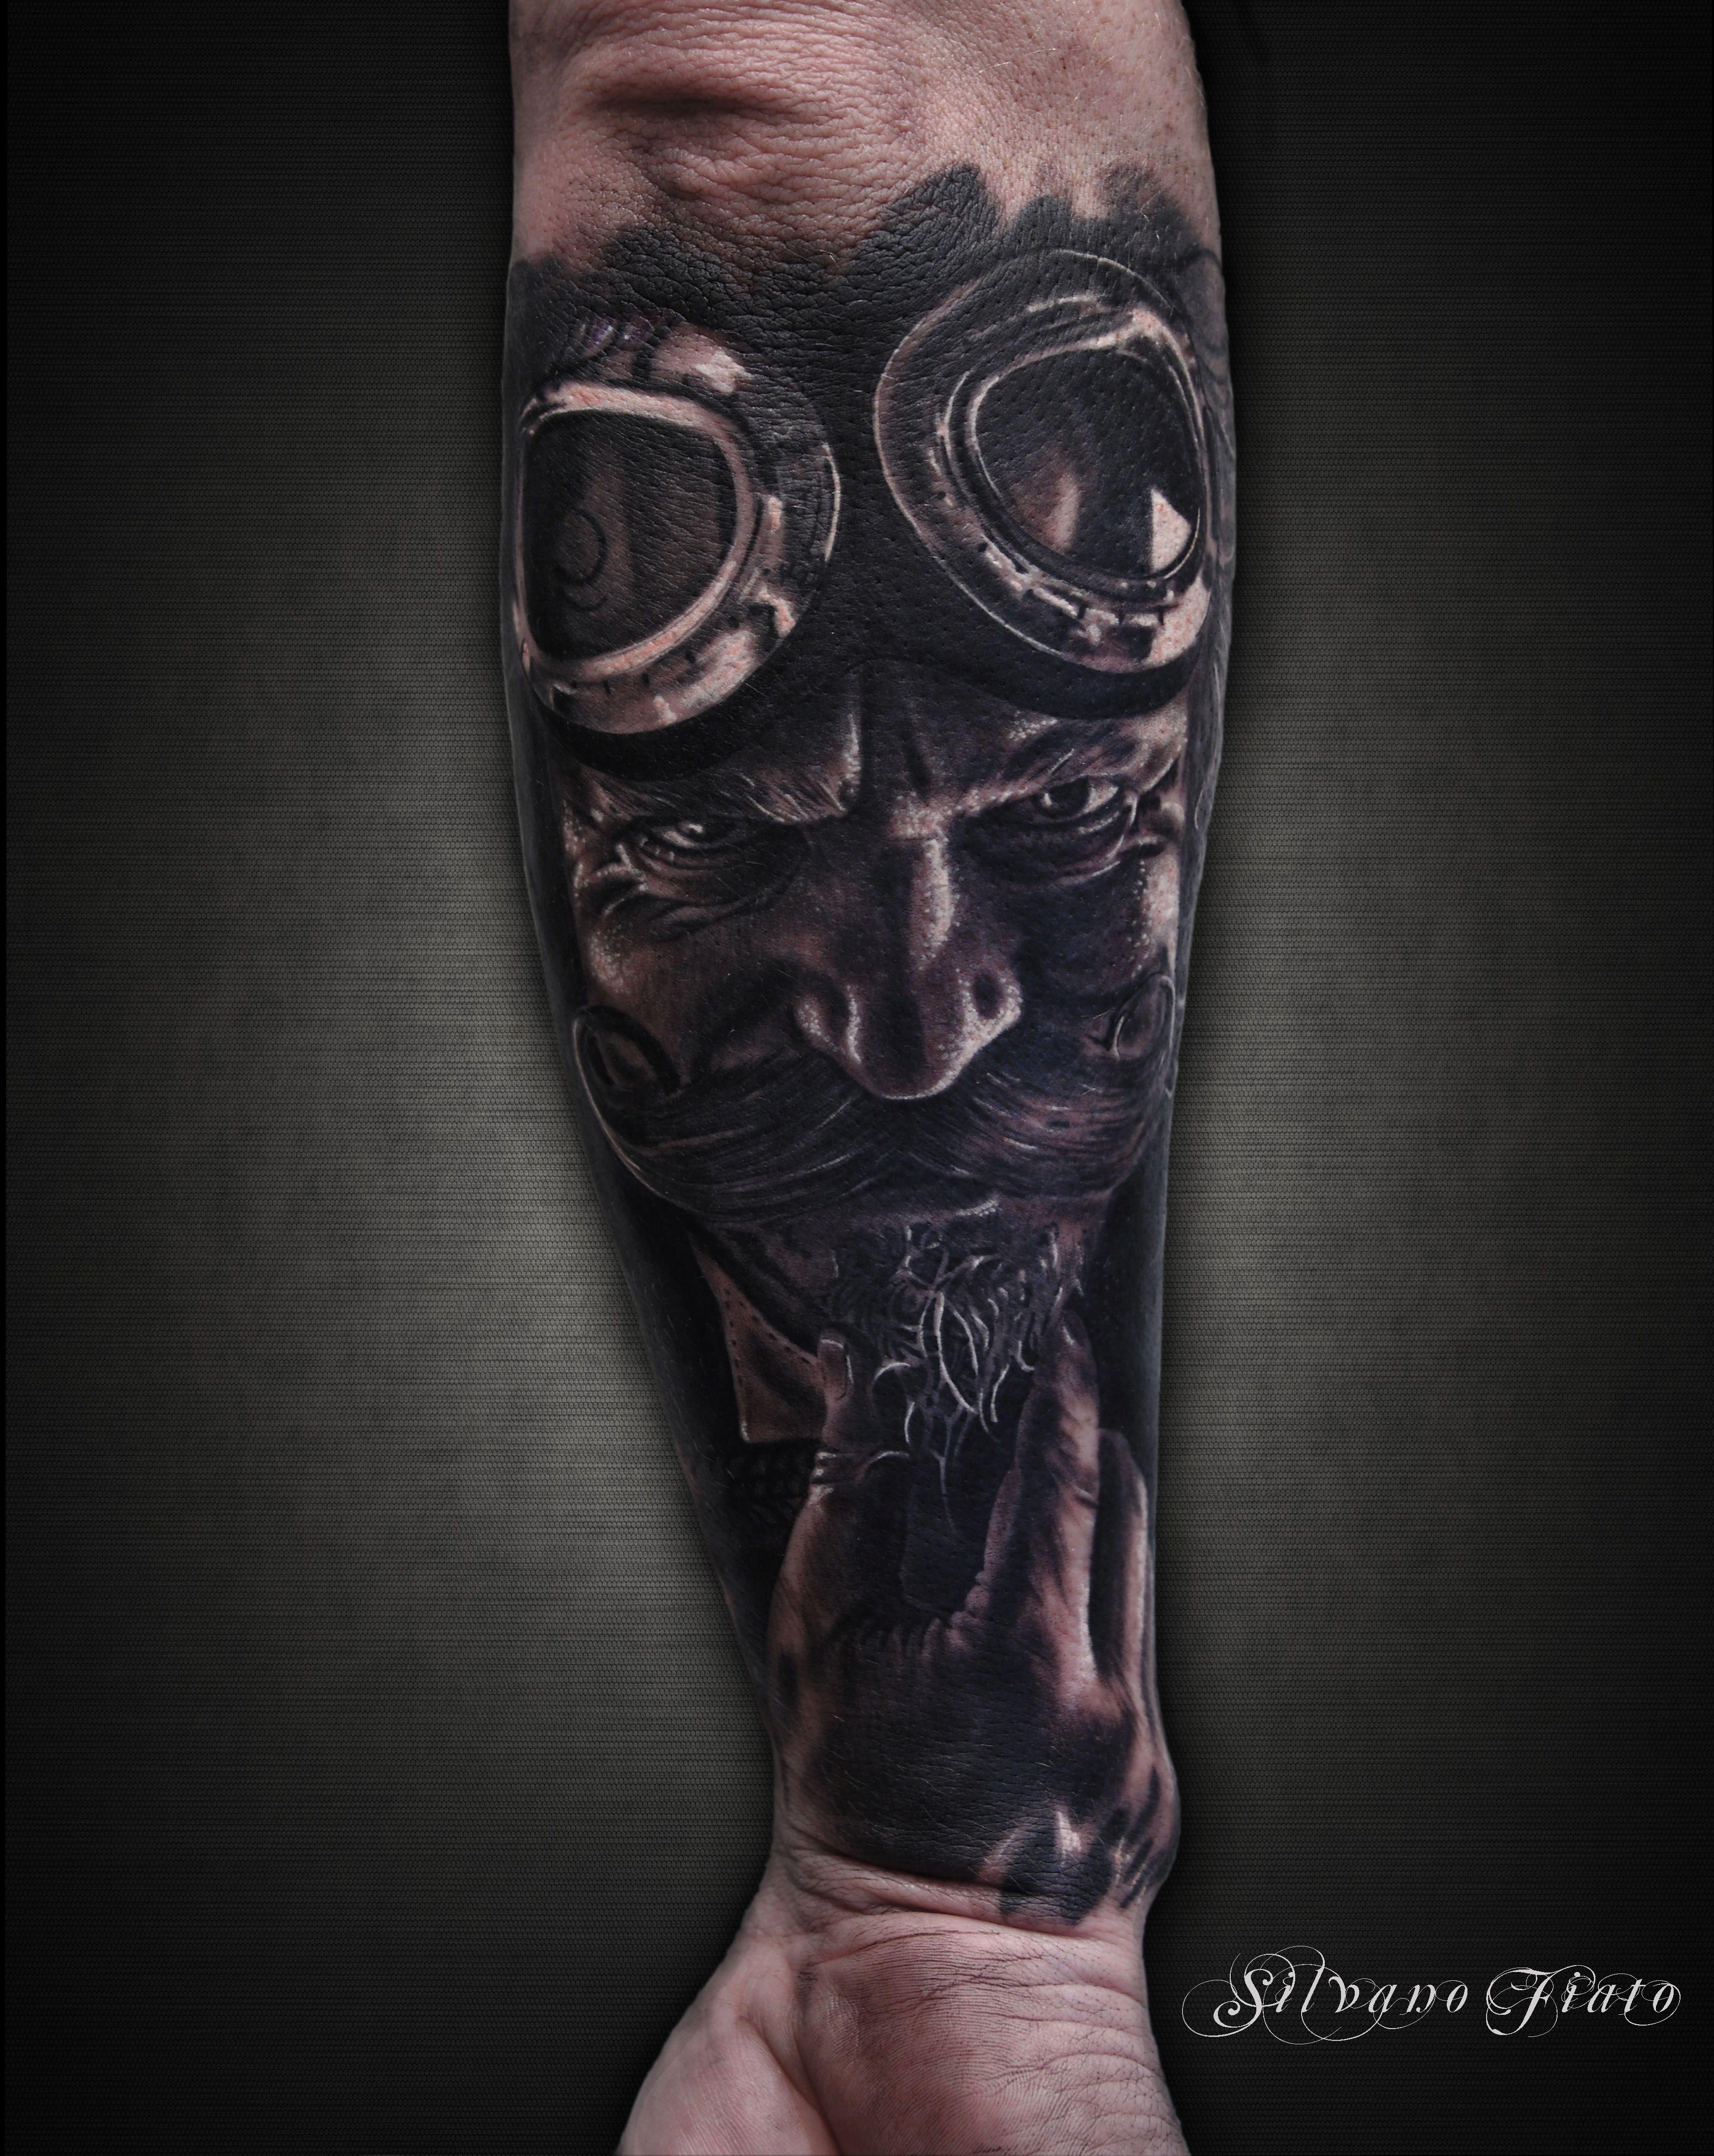 61a074c65 Silvano Fiato - Eternal Tattoo Studio | Tattoo | Tattoos, Tattoo ...